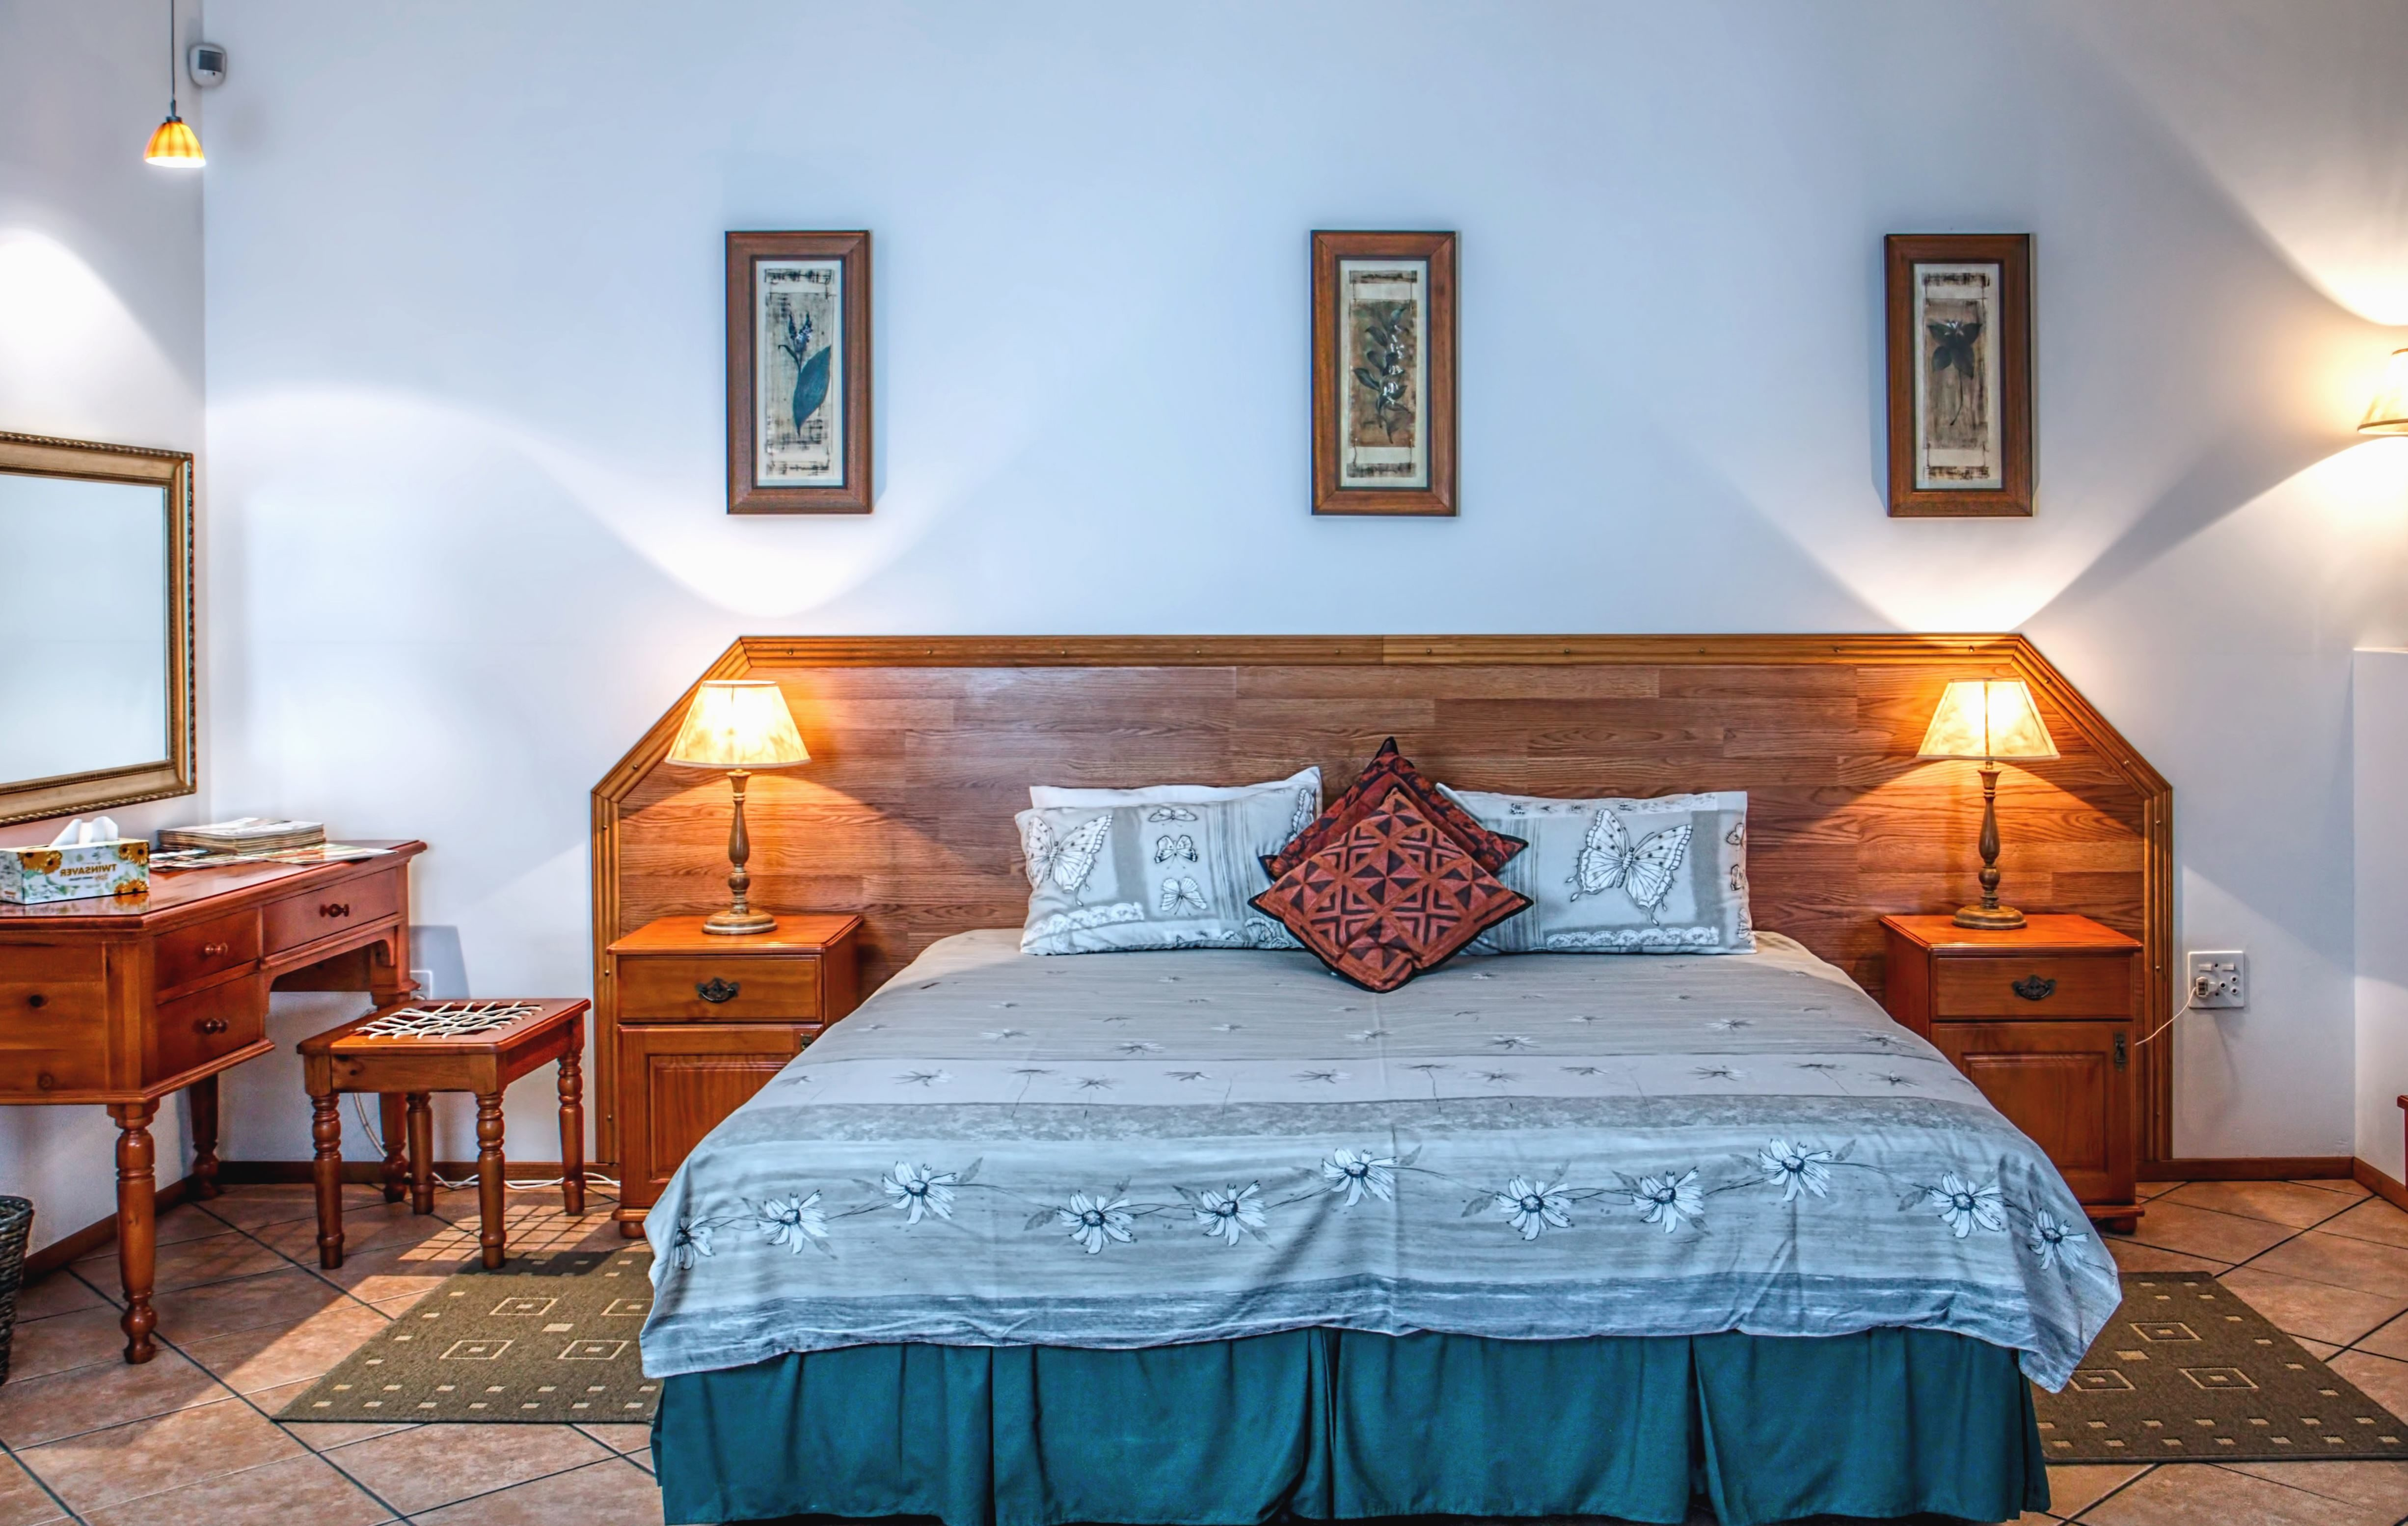 Foto gratis: Camera da letto, mobili, interni, interni, interior ...